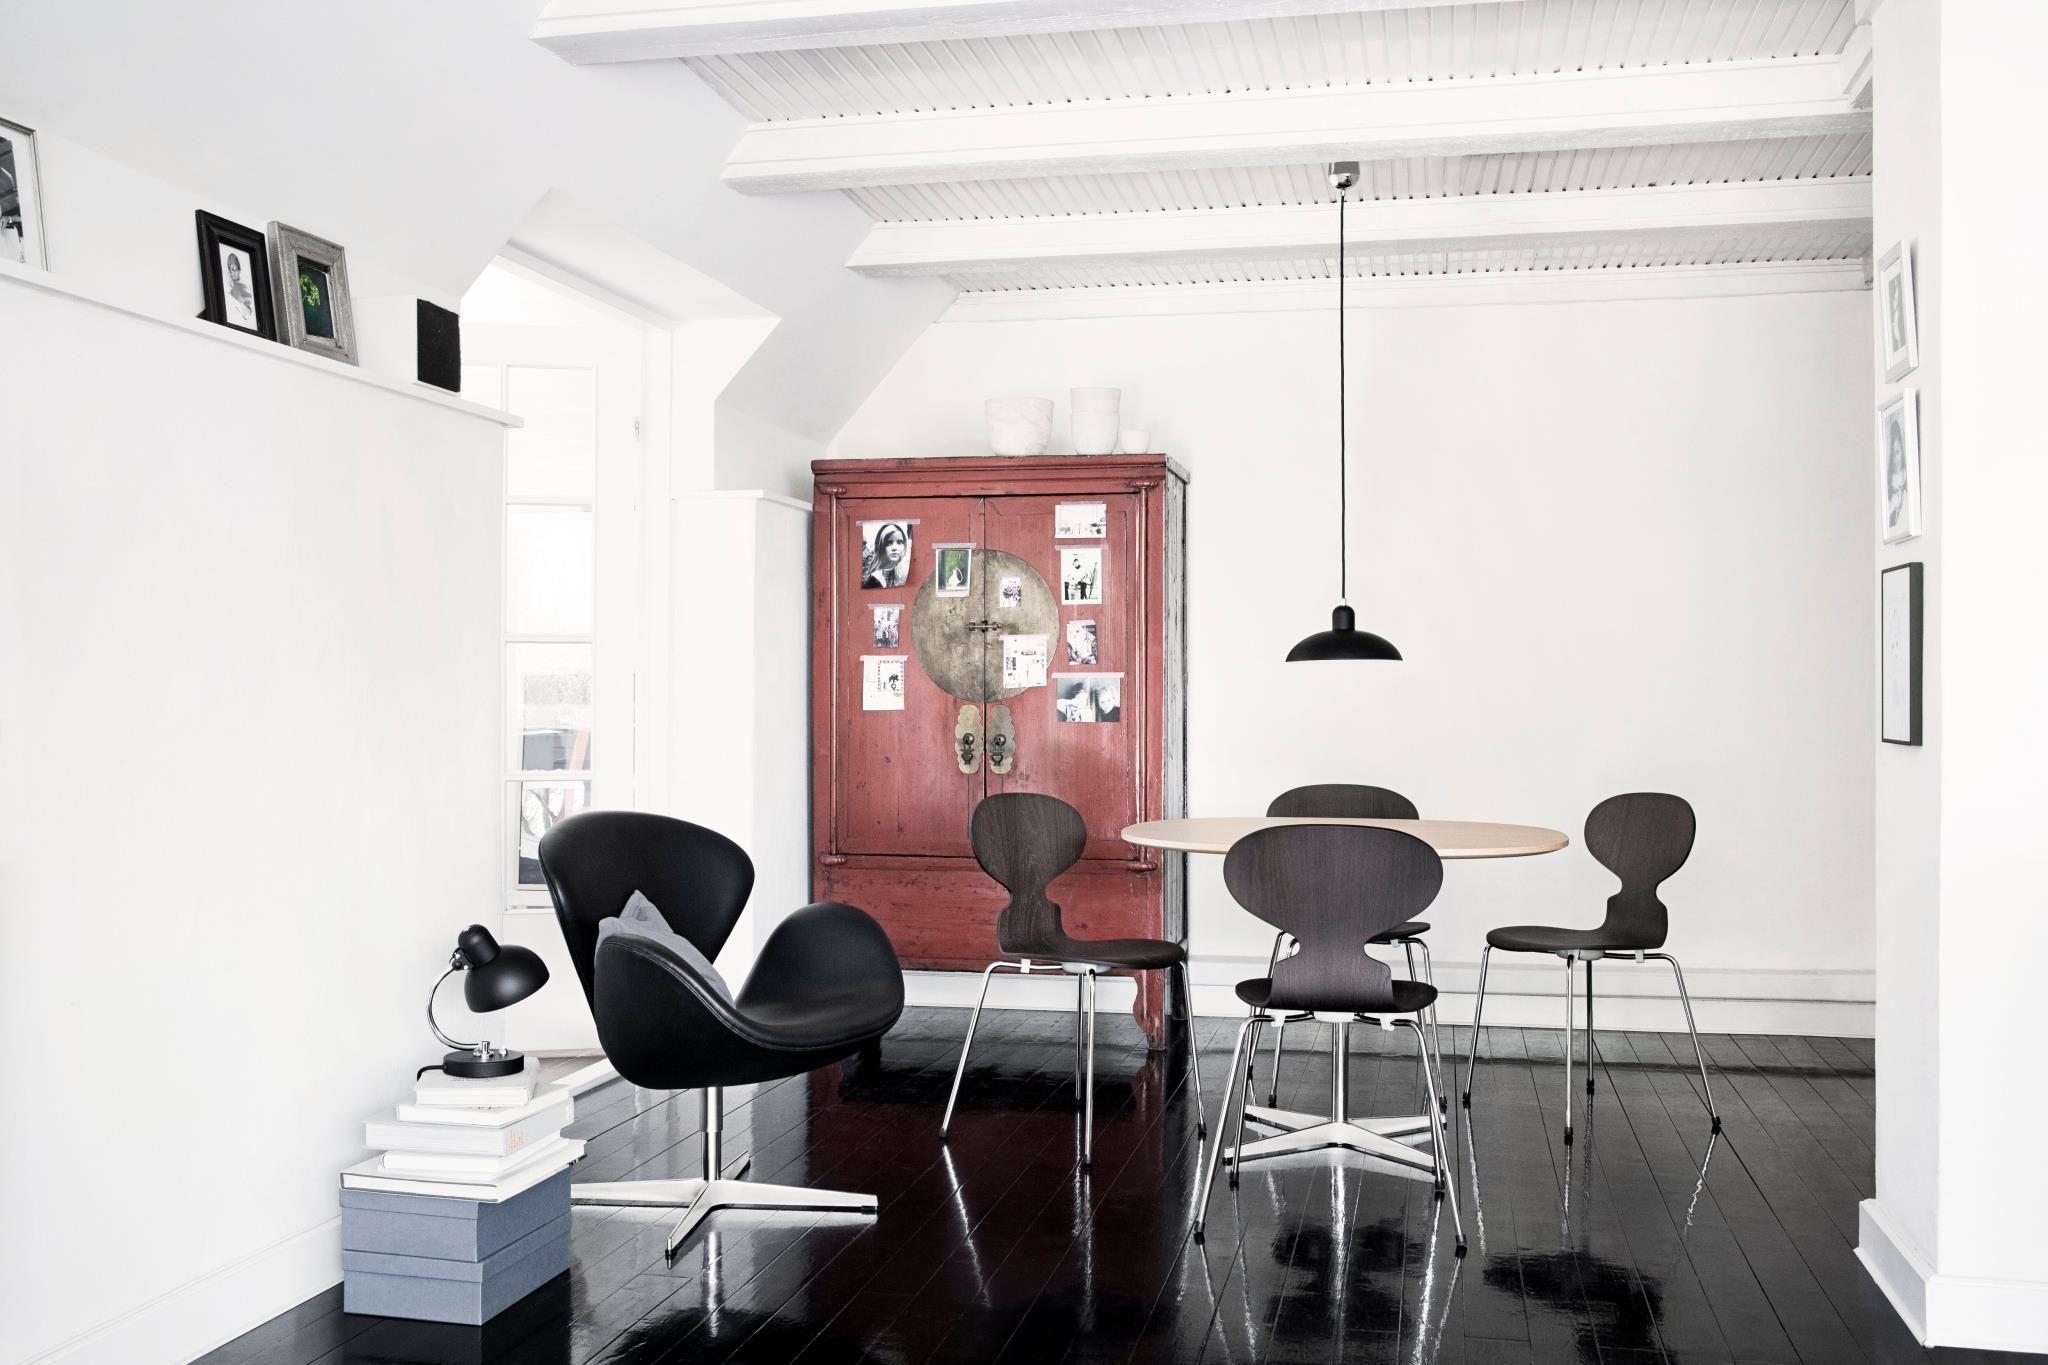 Arne jacobsen interior pin by miguel de salvador on architecture u interior design